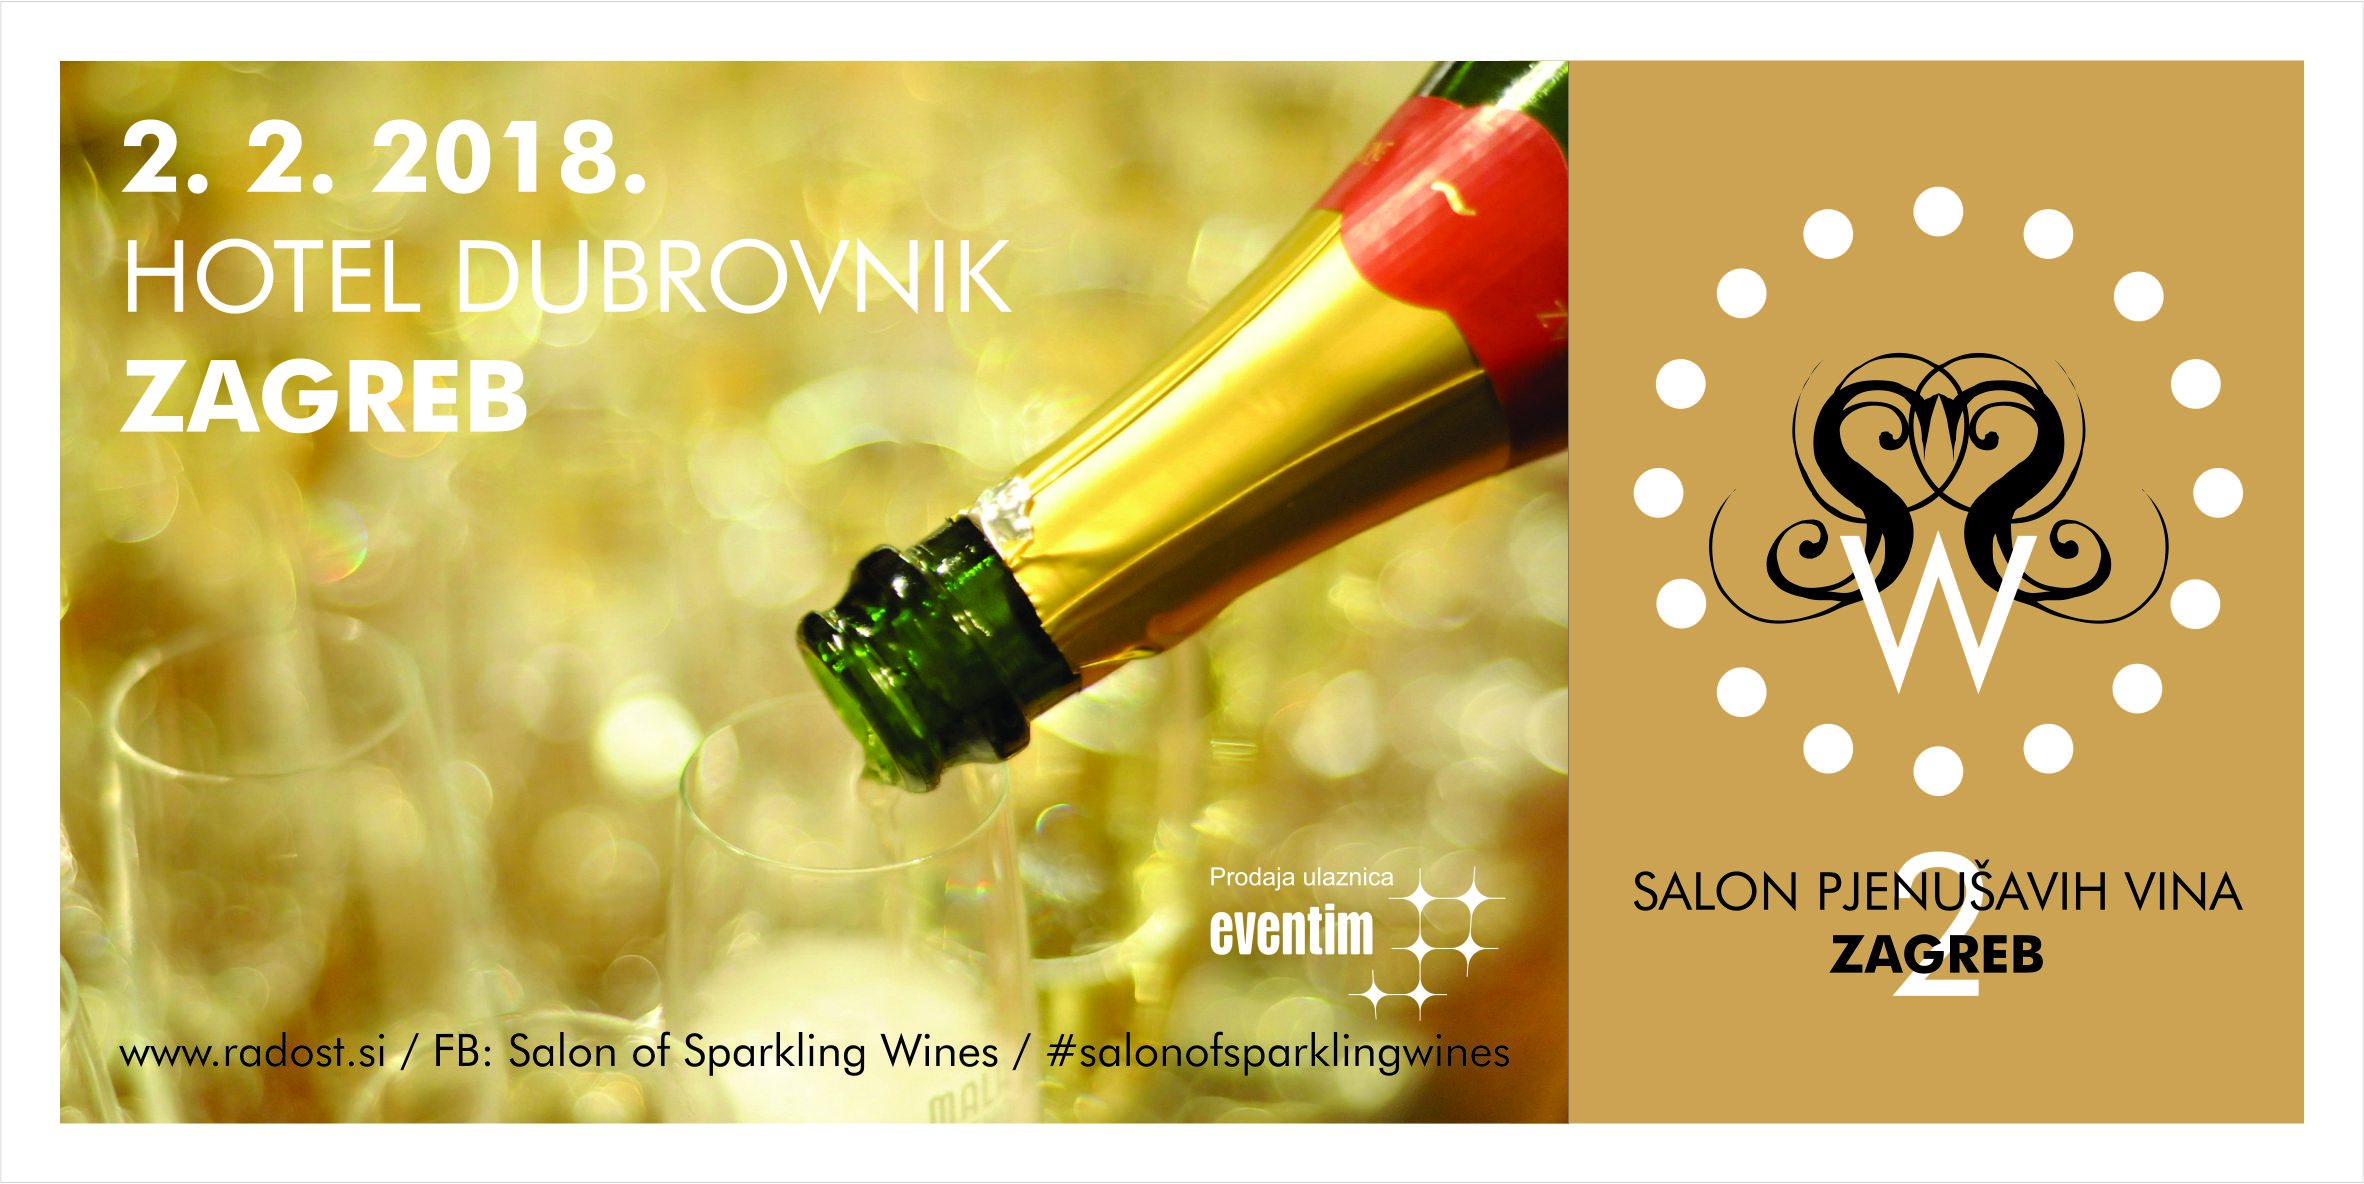 Salon pjenusavih vina_ZG_2018_pozivnica